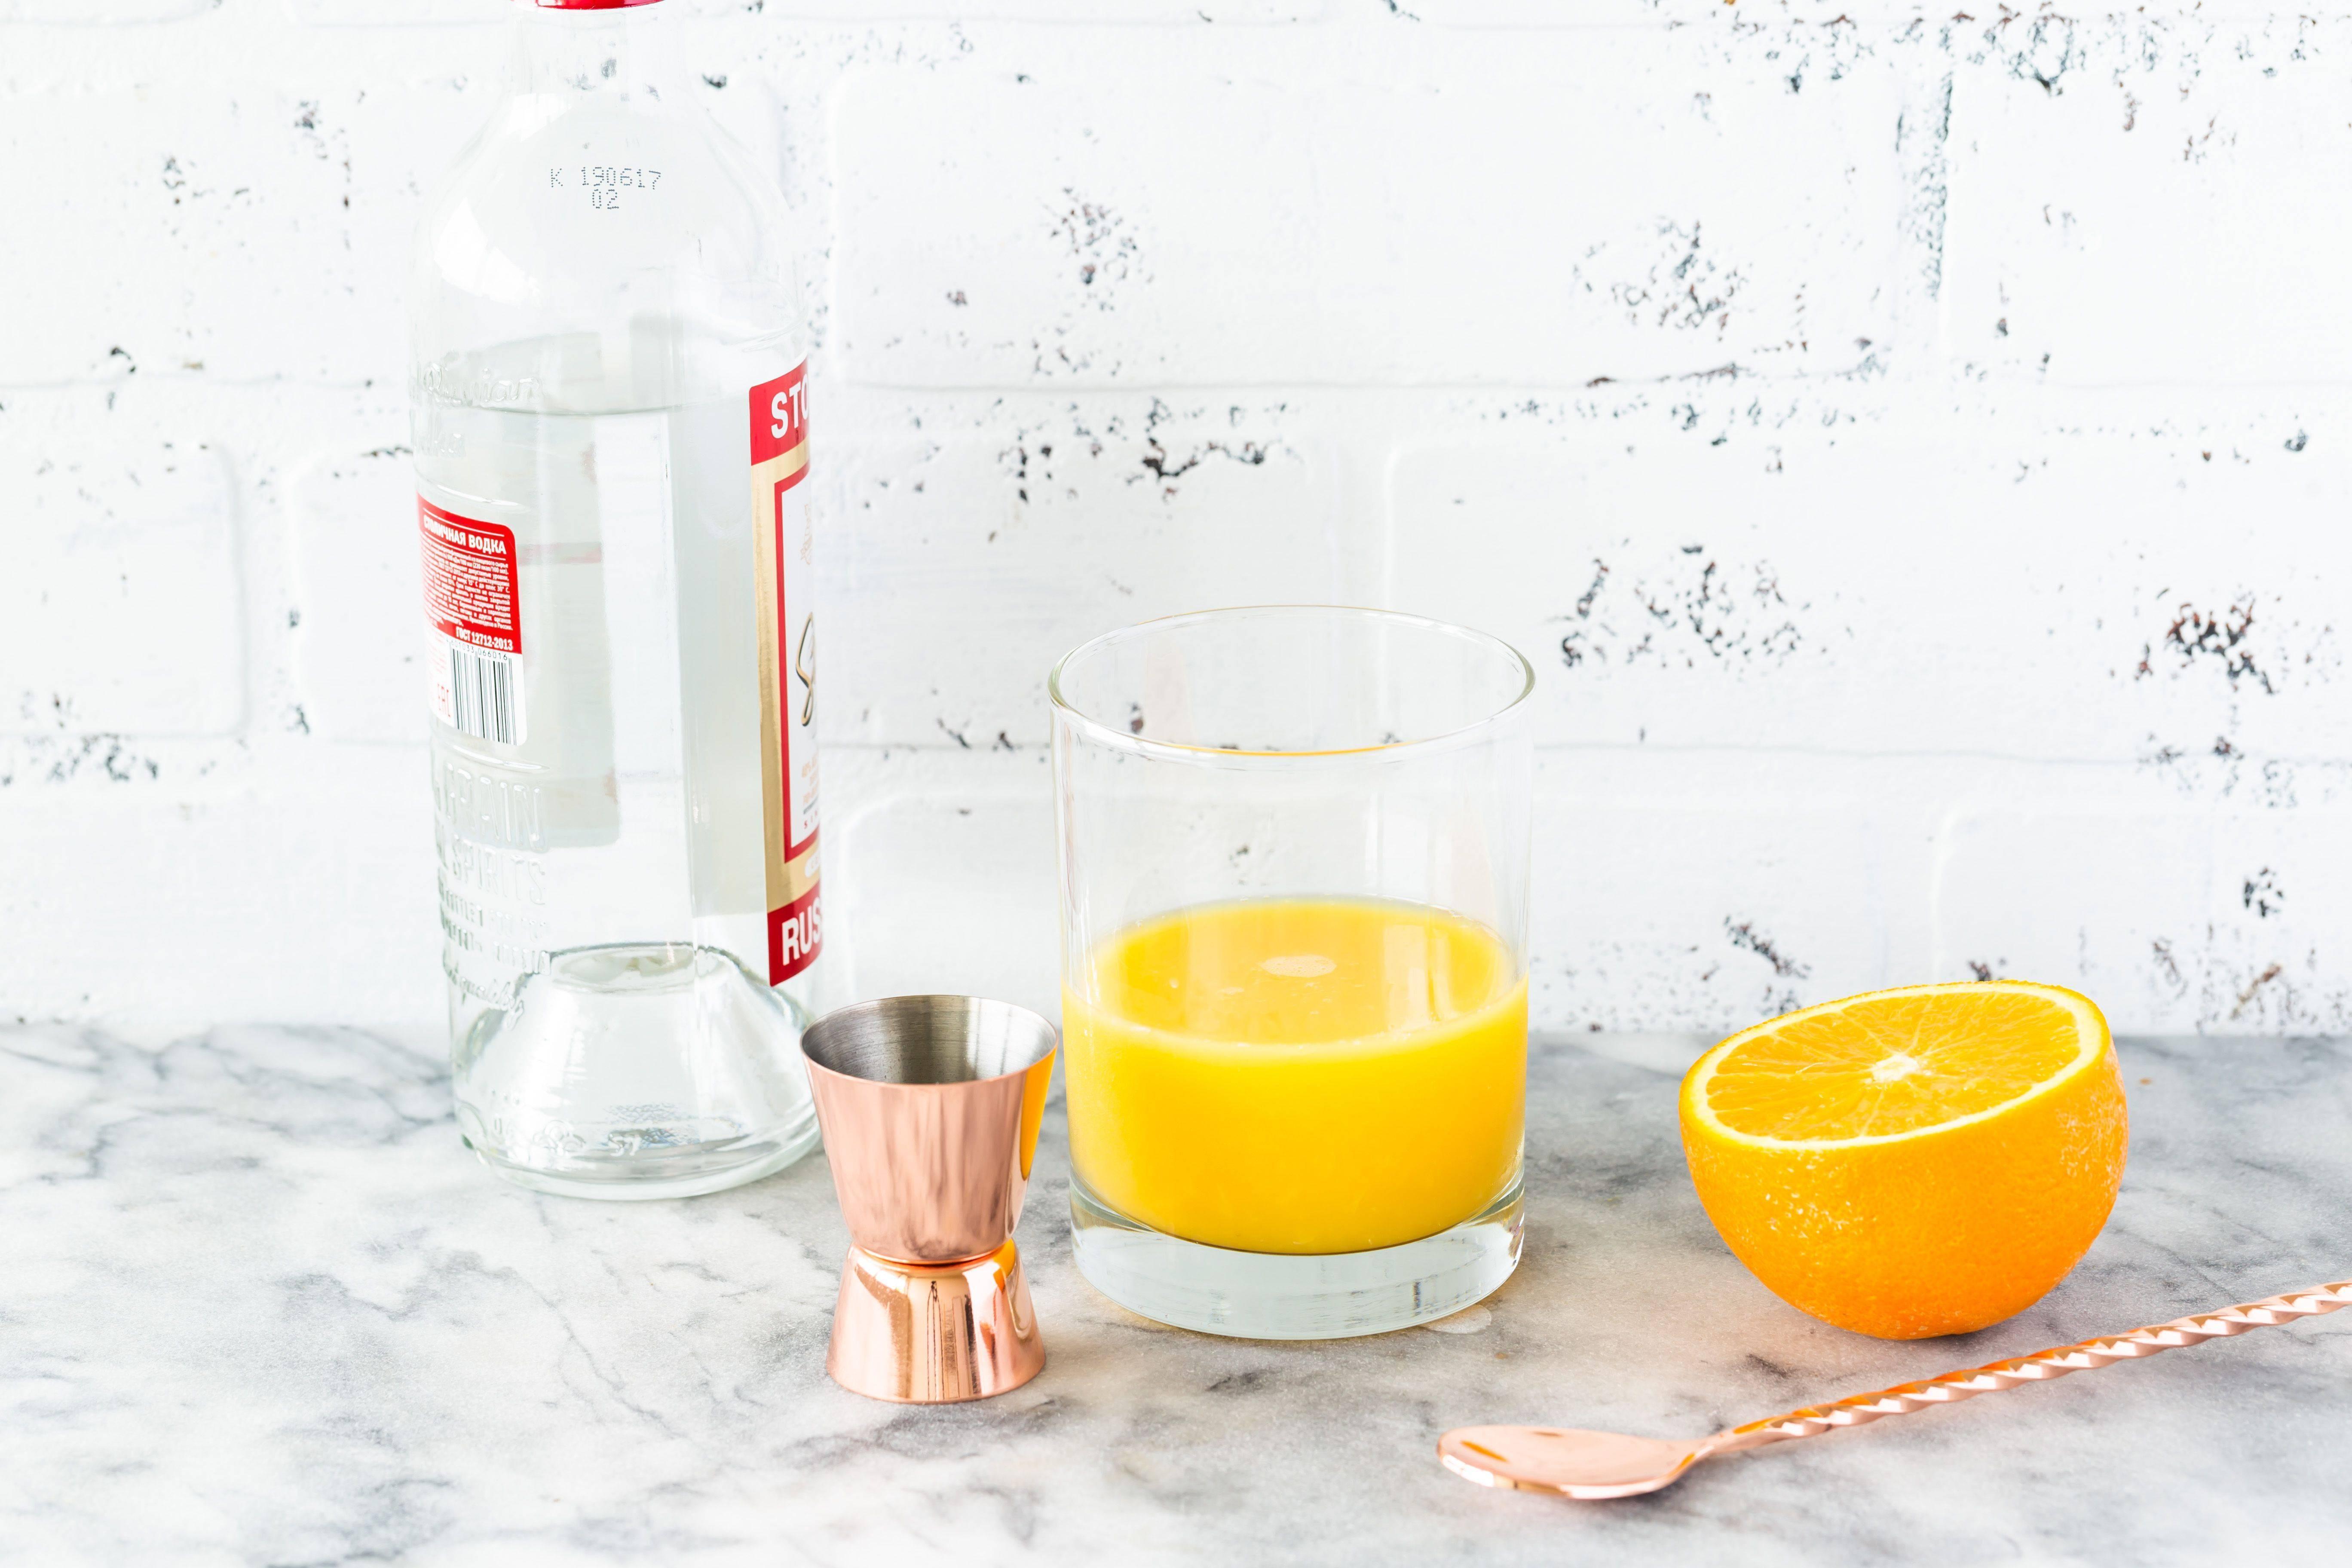 Как сделать отвертку в домашних условиях. рецепты приготовления коктейля отвертка